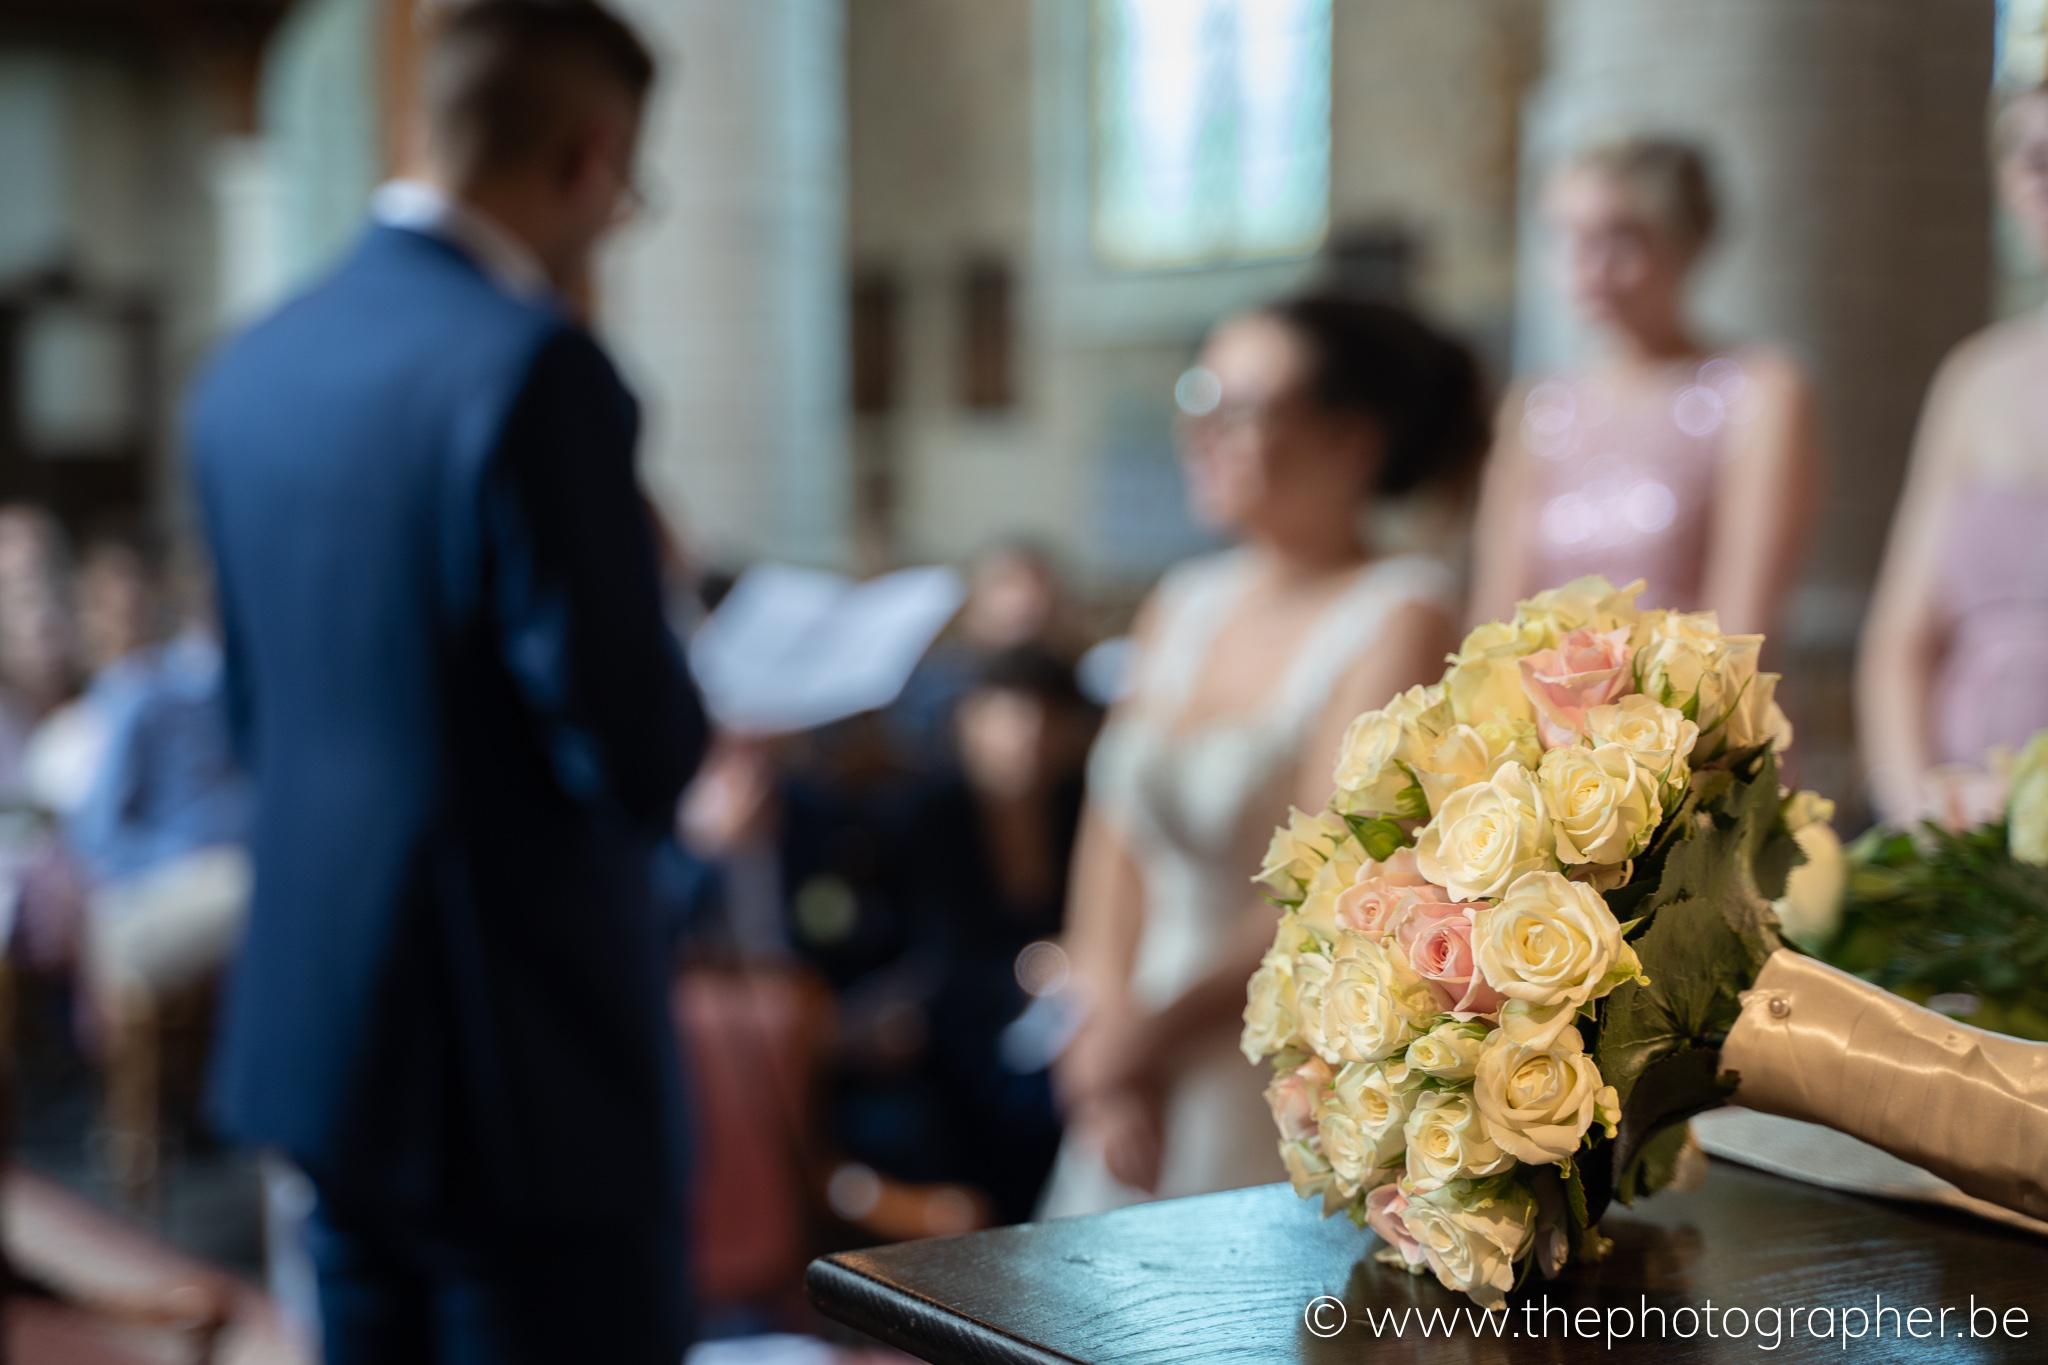 huwelijksboeket in de kerk op het altaar